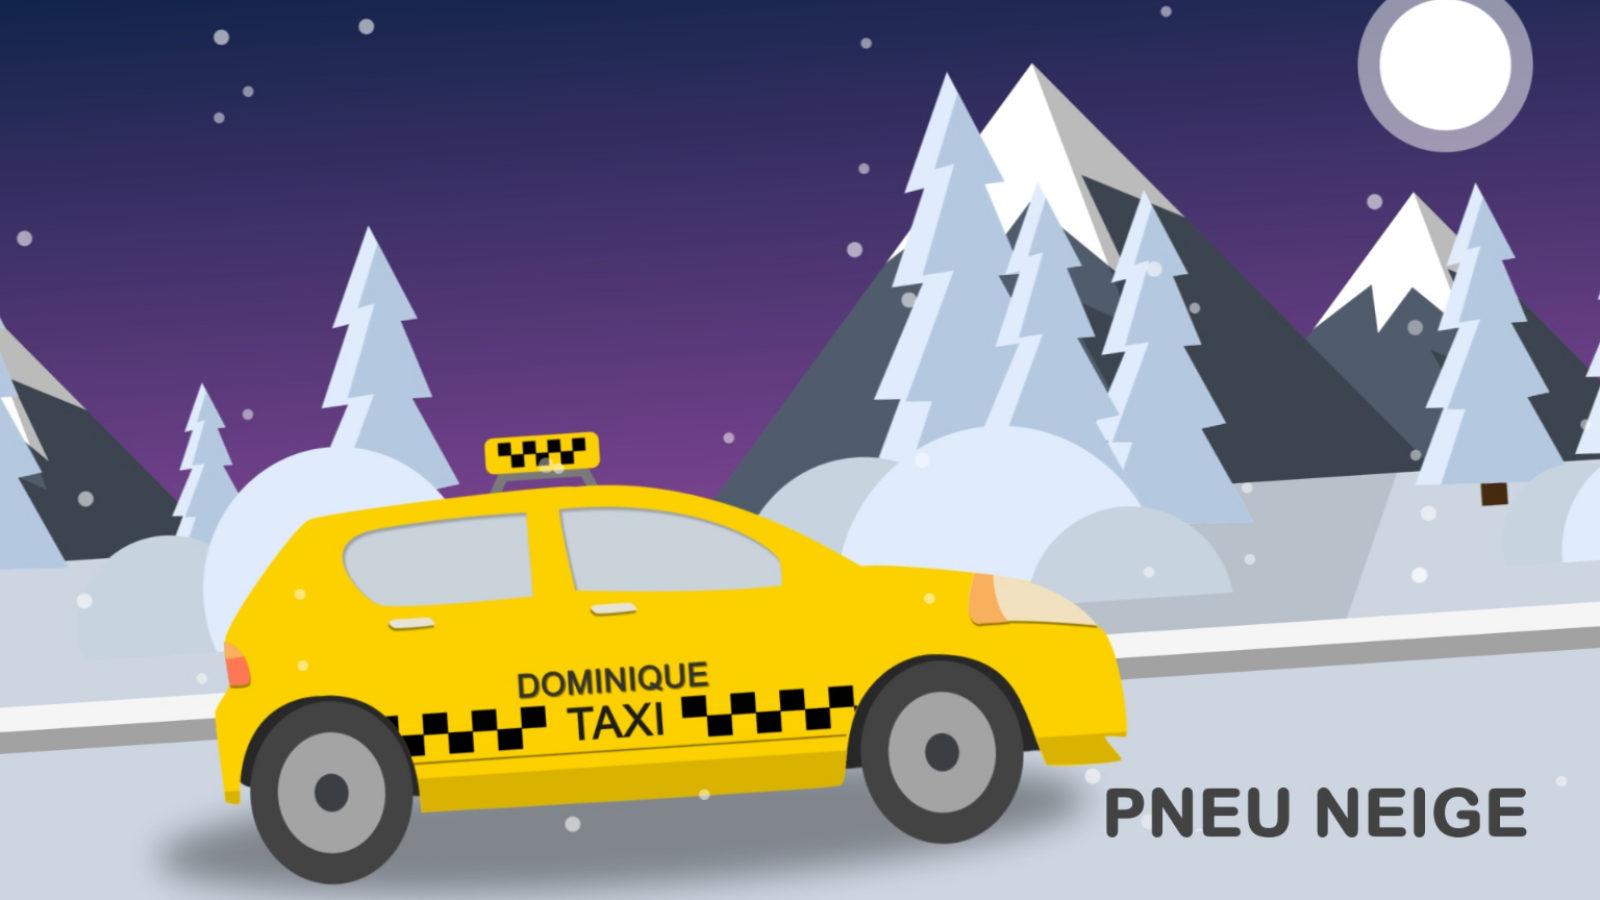 taxi-pneu-neige